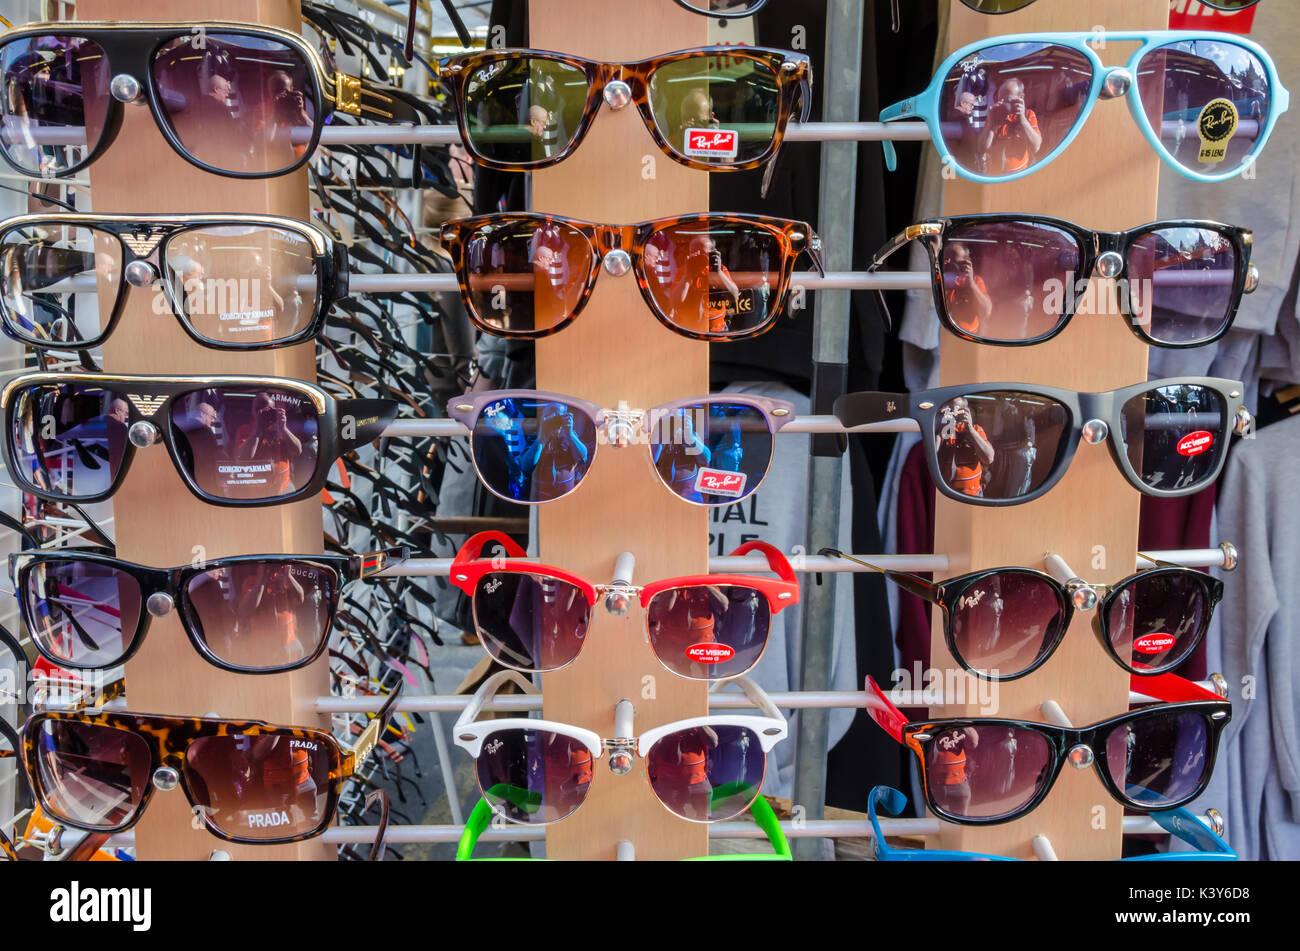 5f0c0e44c0 Gafas de sol en la pantalla de un puesto en el mercado. Imagen De Stock